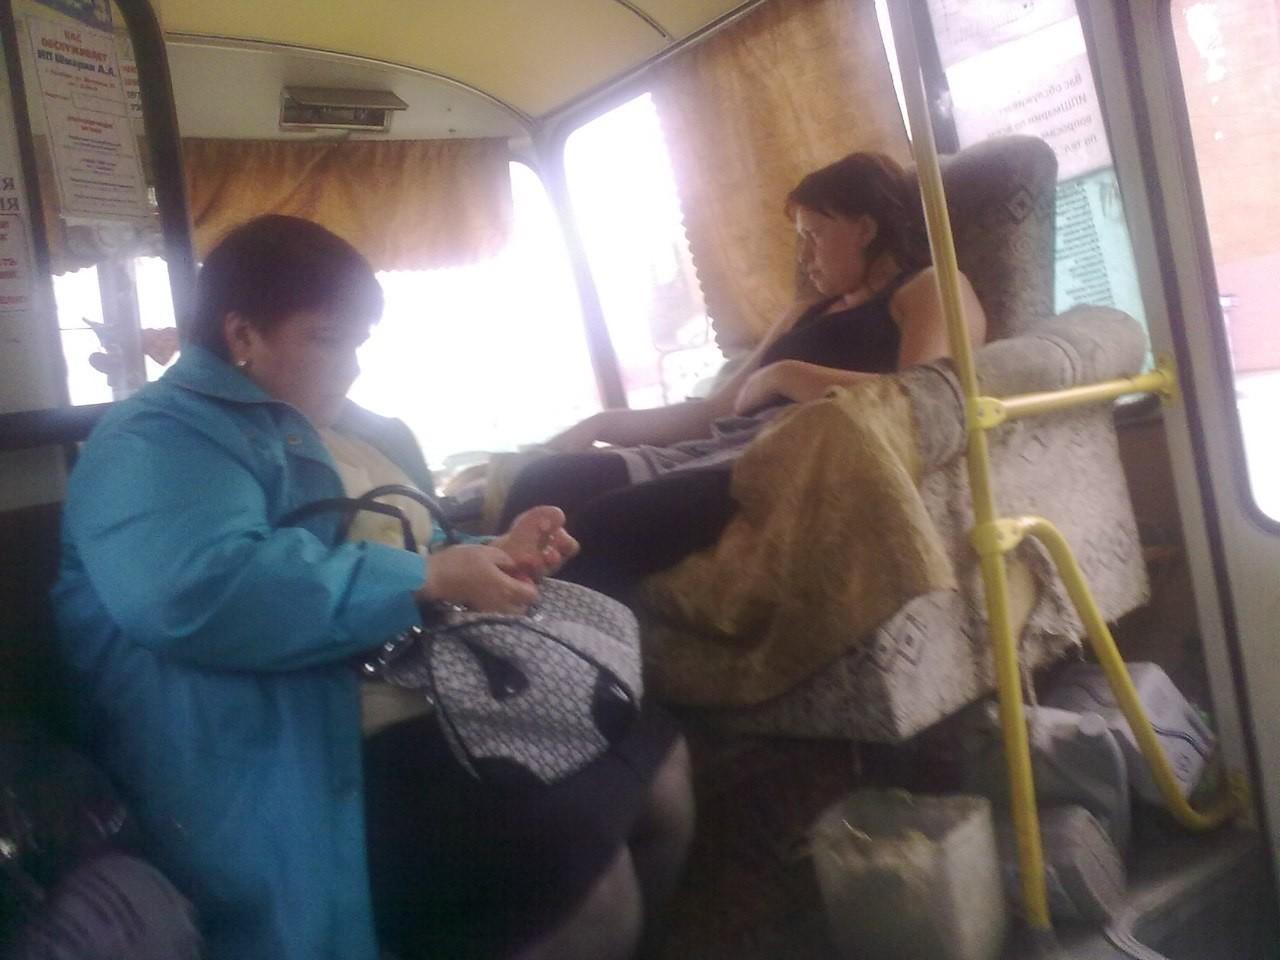 Трогают девушек в автобусе, Трогает девушку в автобусе. Лучшие. Смотри редкие 11 фотография